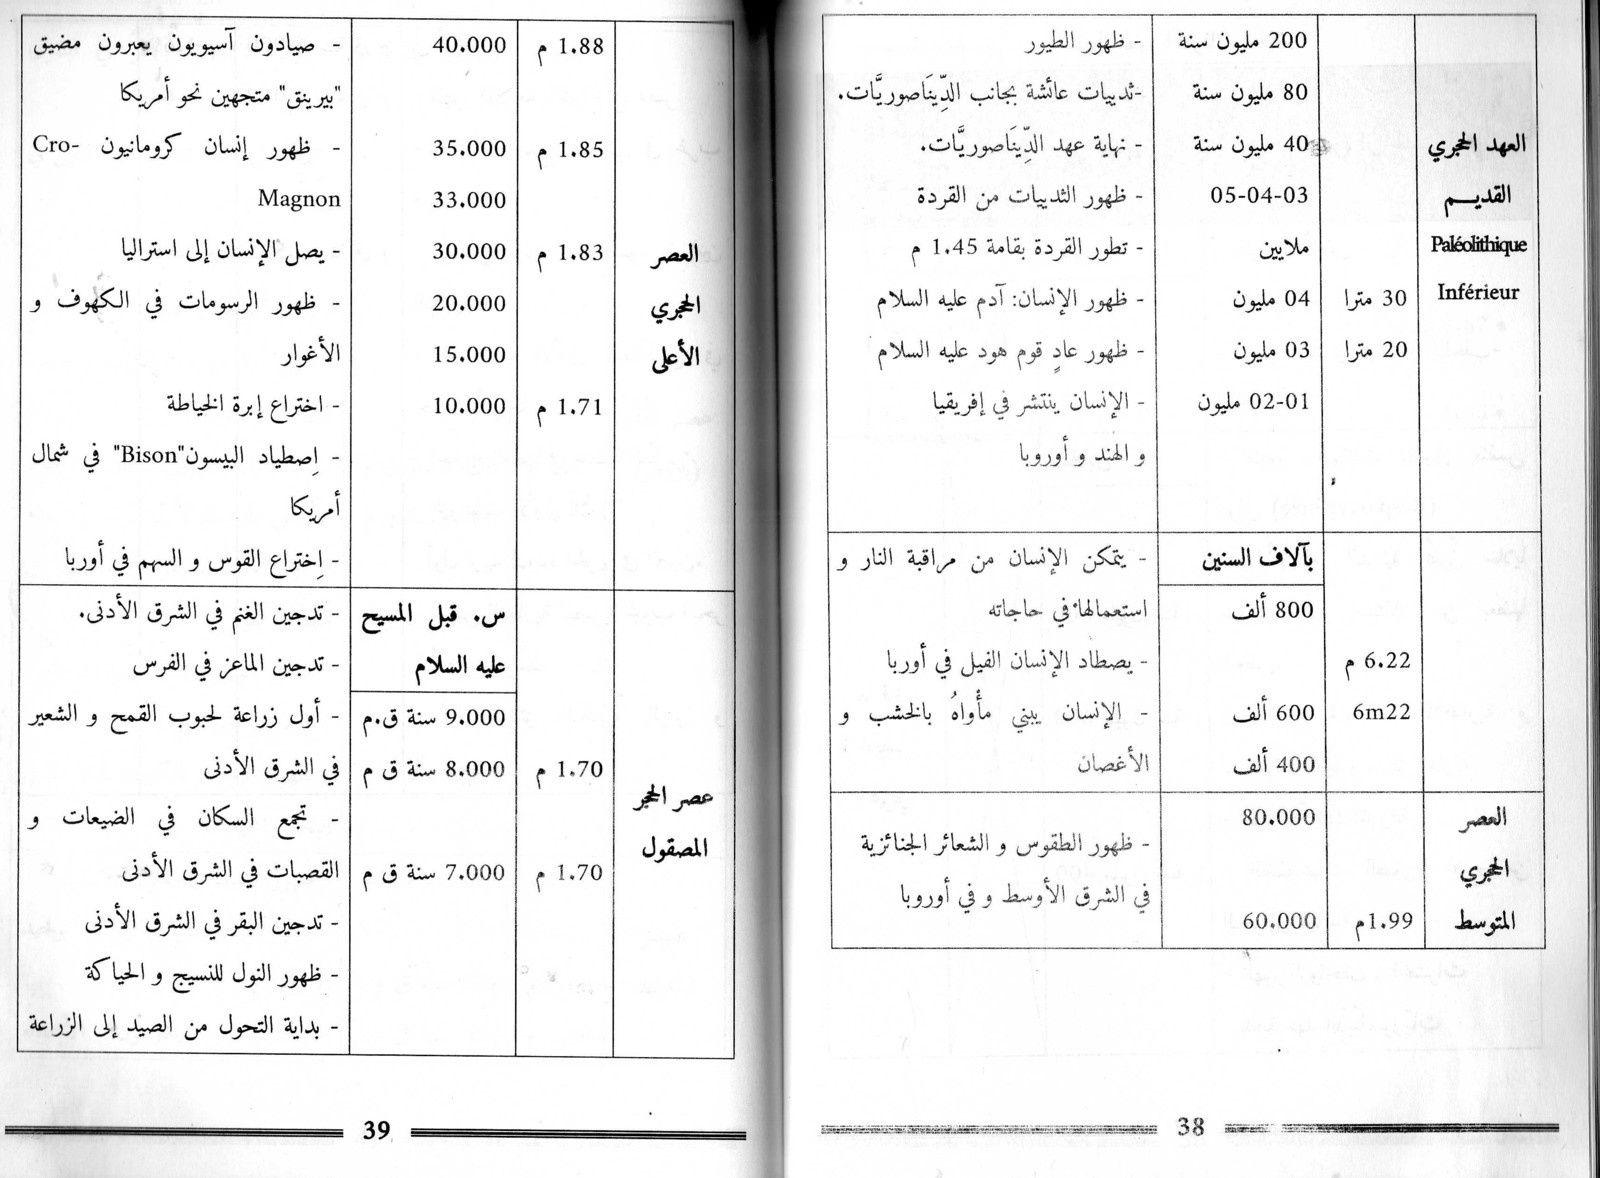 و ما ينطق عن الهوى - كتاب من تاليف الاستاذ ابو بكر شنافي